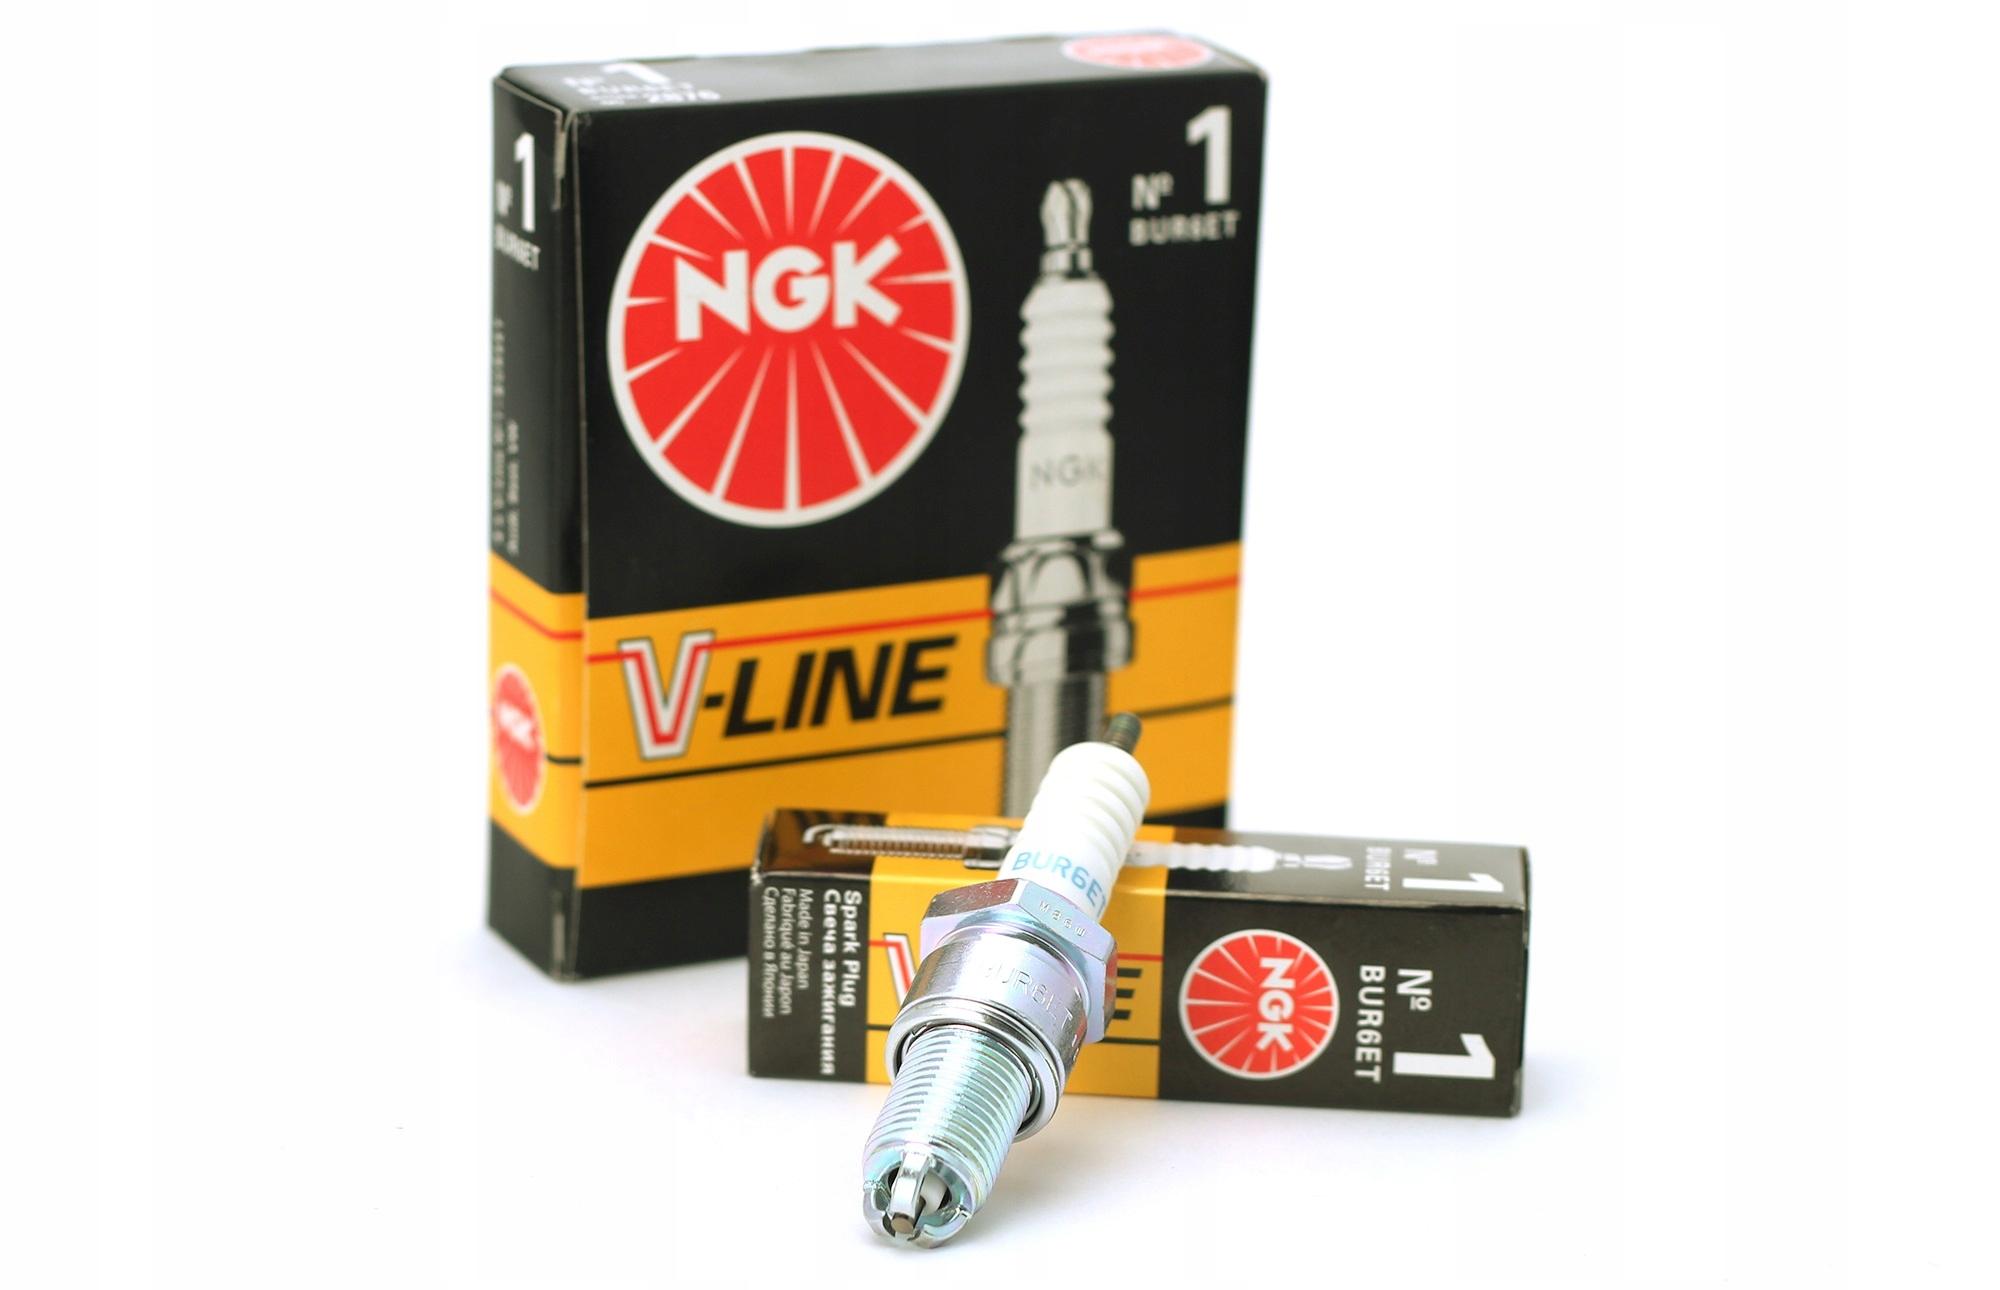 Свеча зажигания ngk v-line 1 bur6et 2876